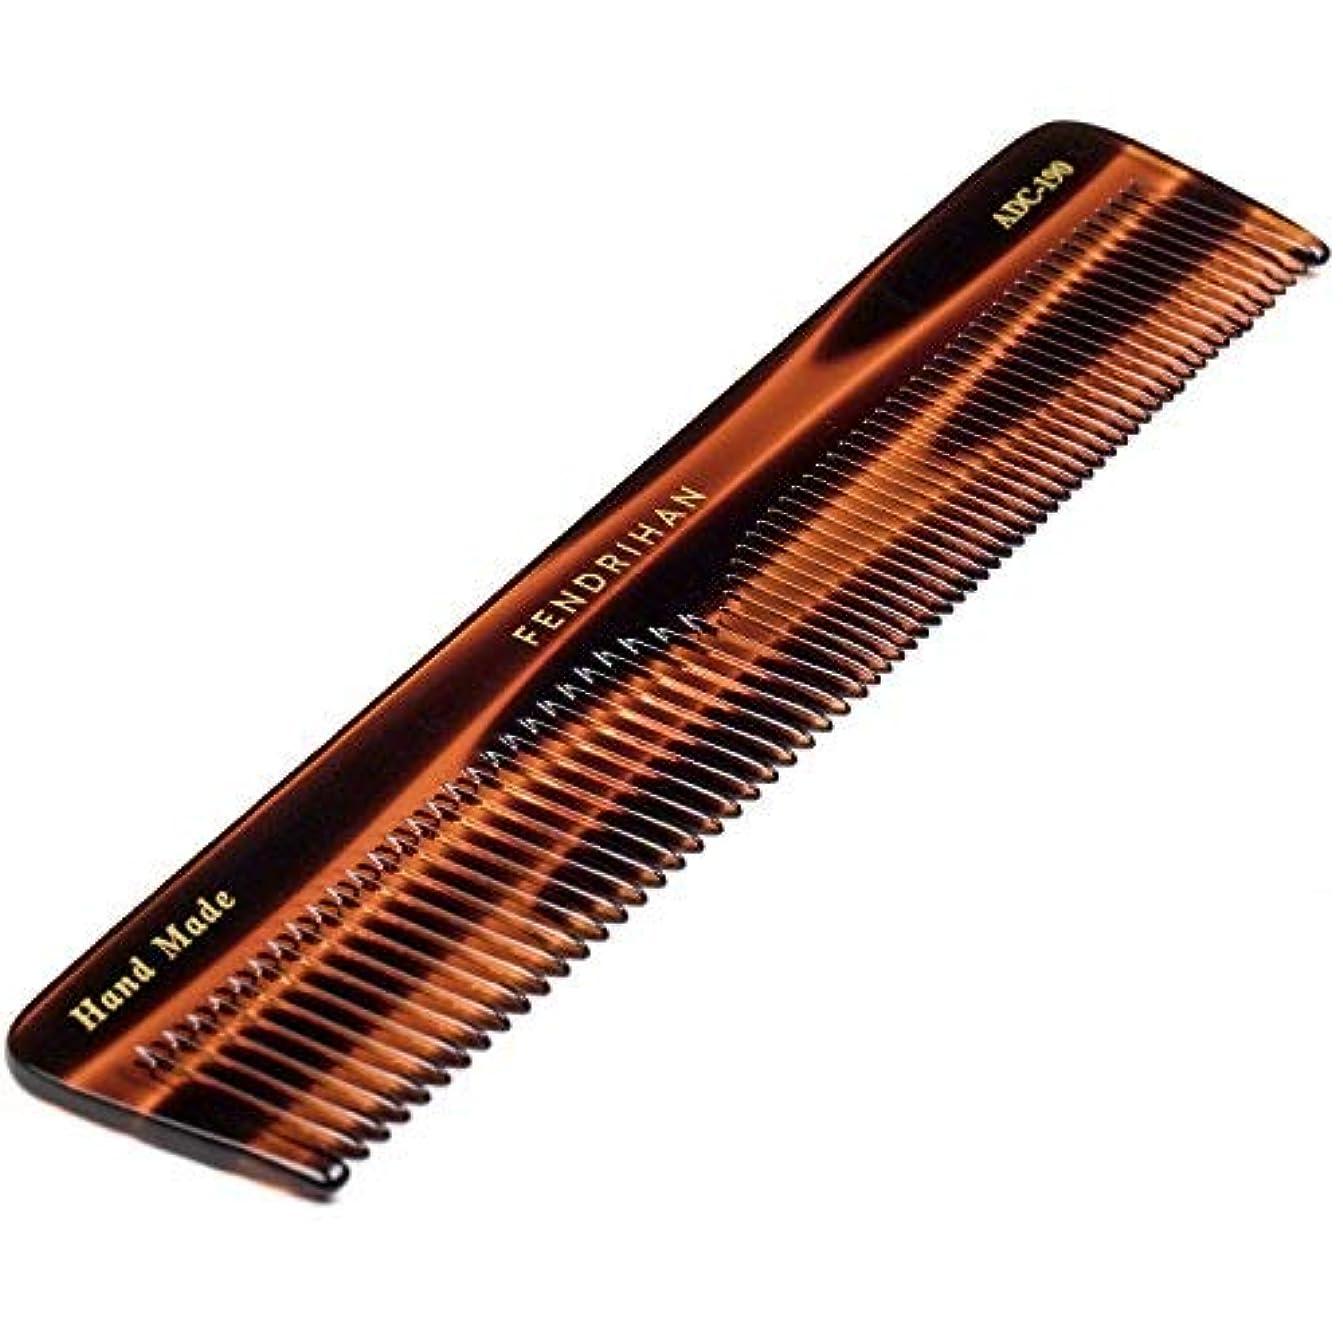 チートつづりトロリーバスFendrihan Hand Finished Large Double Tooth Comb for Men, Faux Tortoise (7.3 Inches) [並行輸入品]